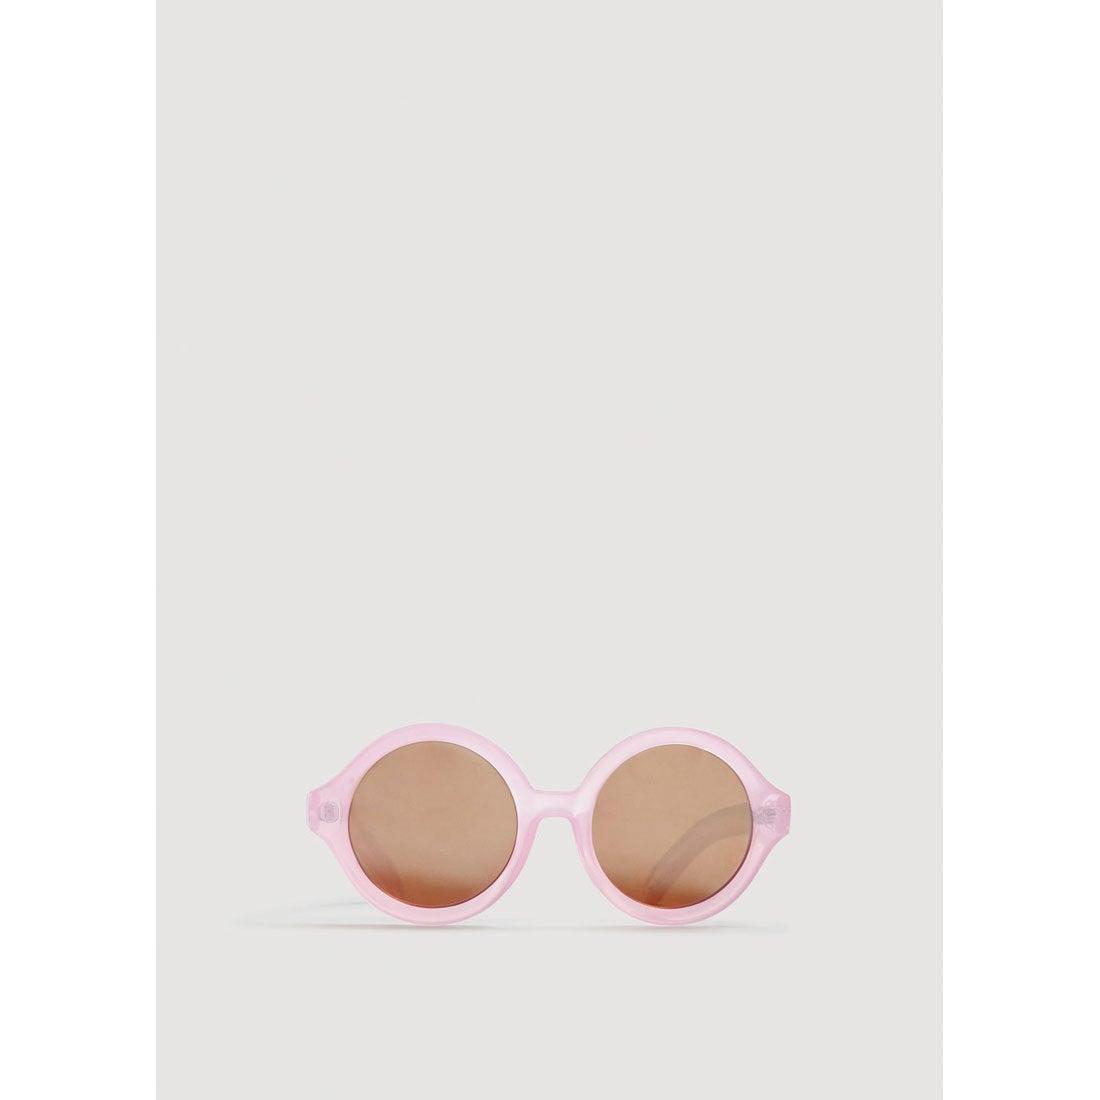 サングラス-ROUND(ピンク)